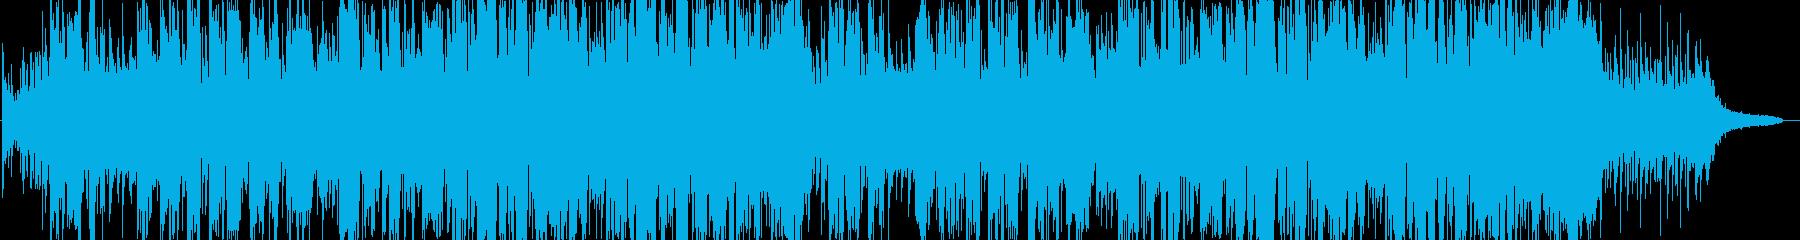 【生演奏】フルートで奏でるポップな爽快曲の再生済みの波形